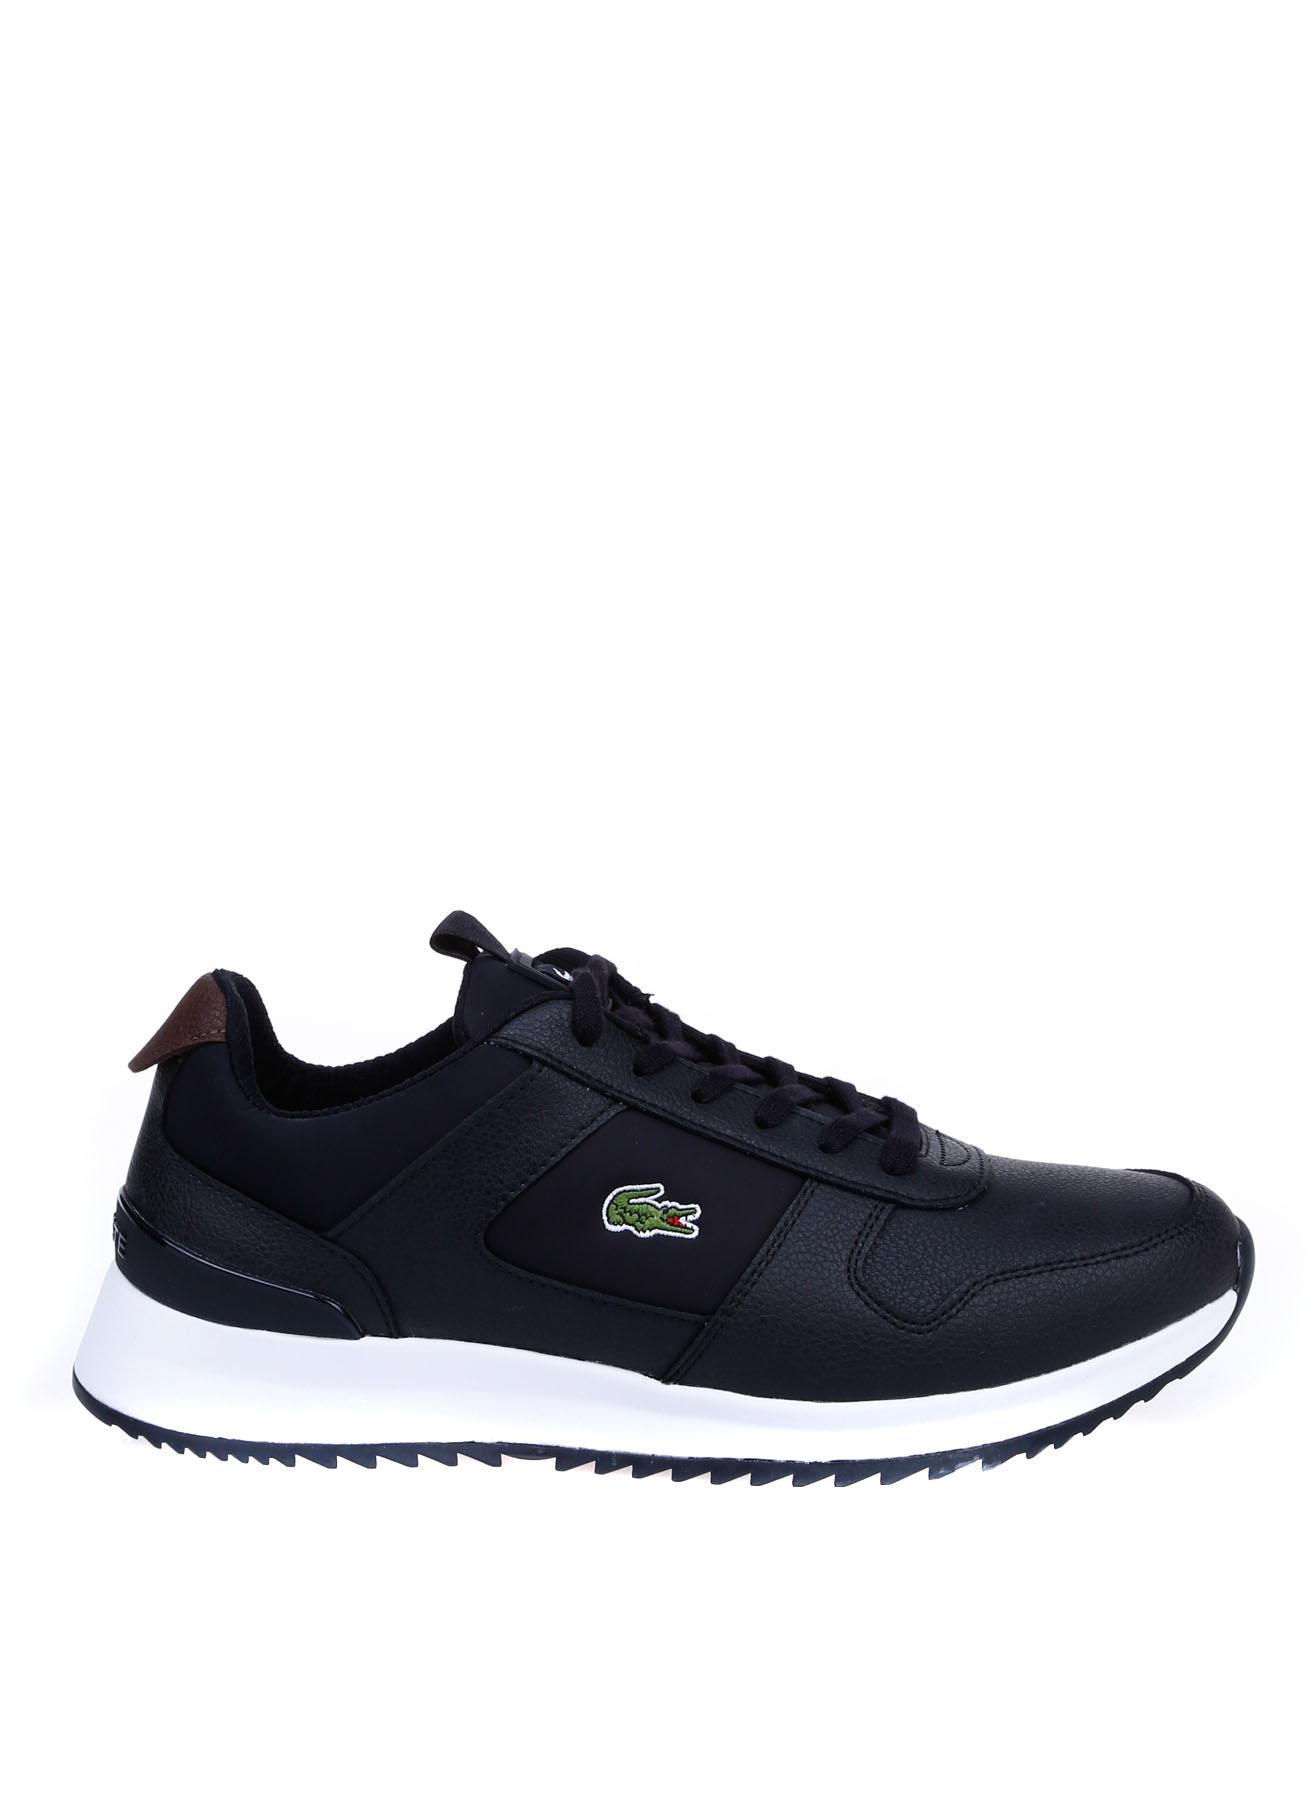 Lacoste Erkek Deri Siyah Lifestyle Ayakkabı 41 5002314255003 Ürün Resmi